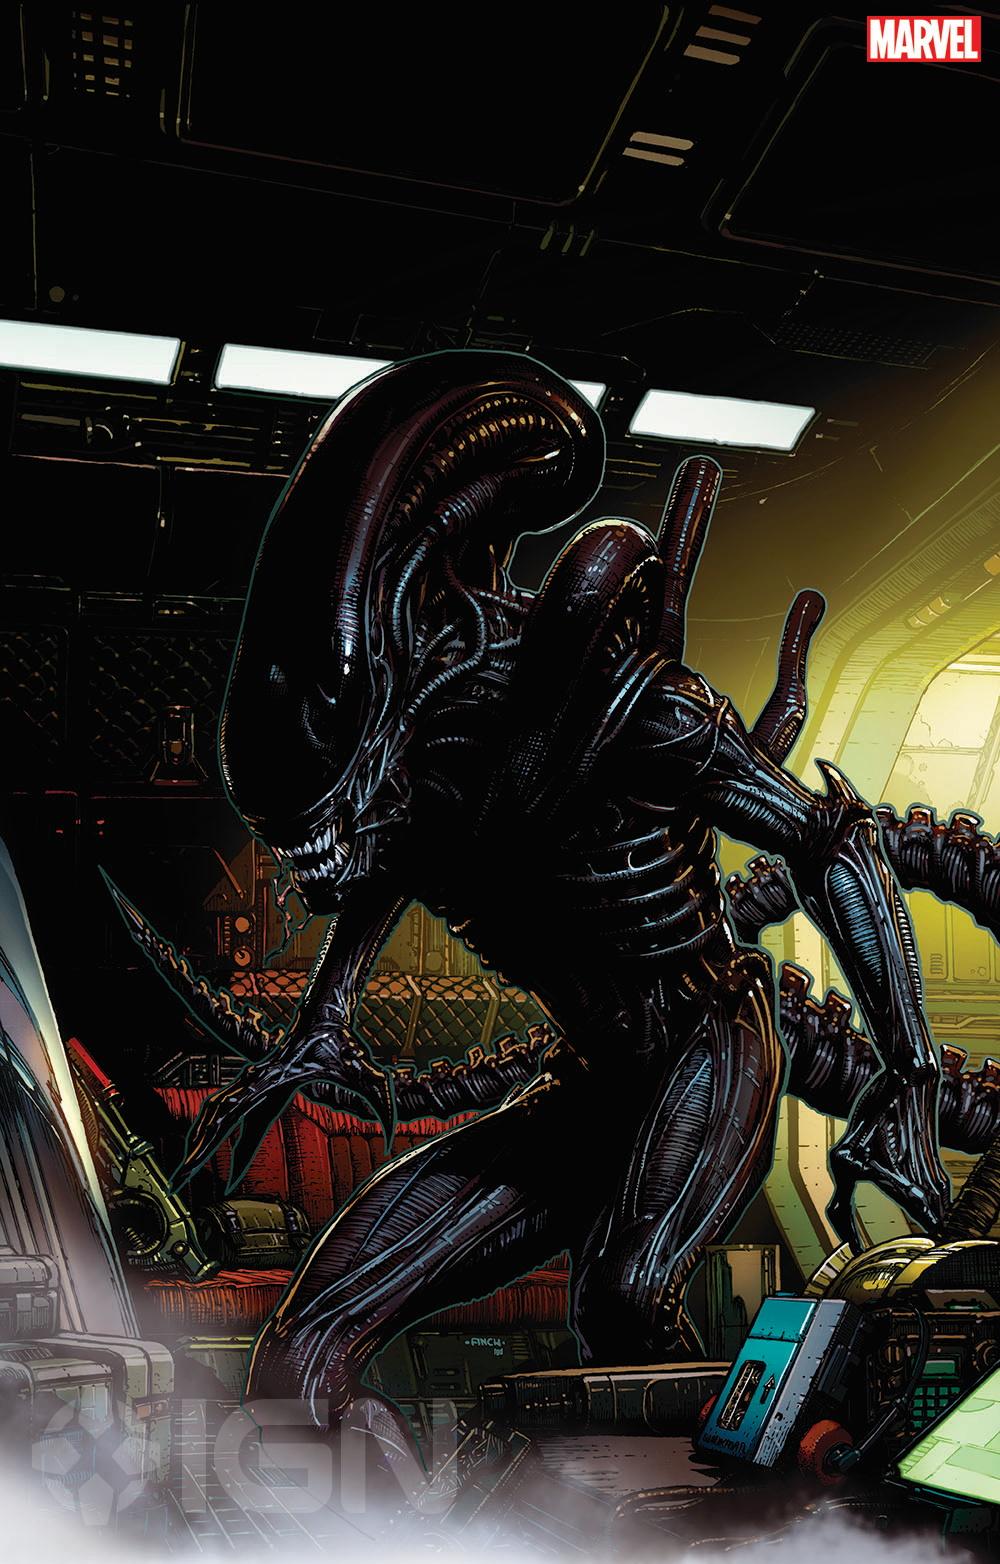 Alien marvel / filmz.dk